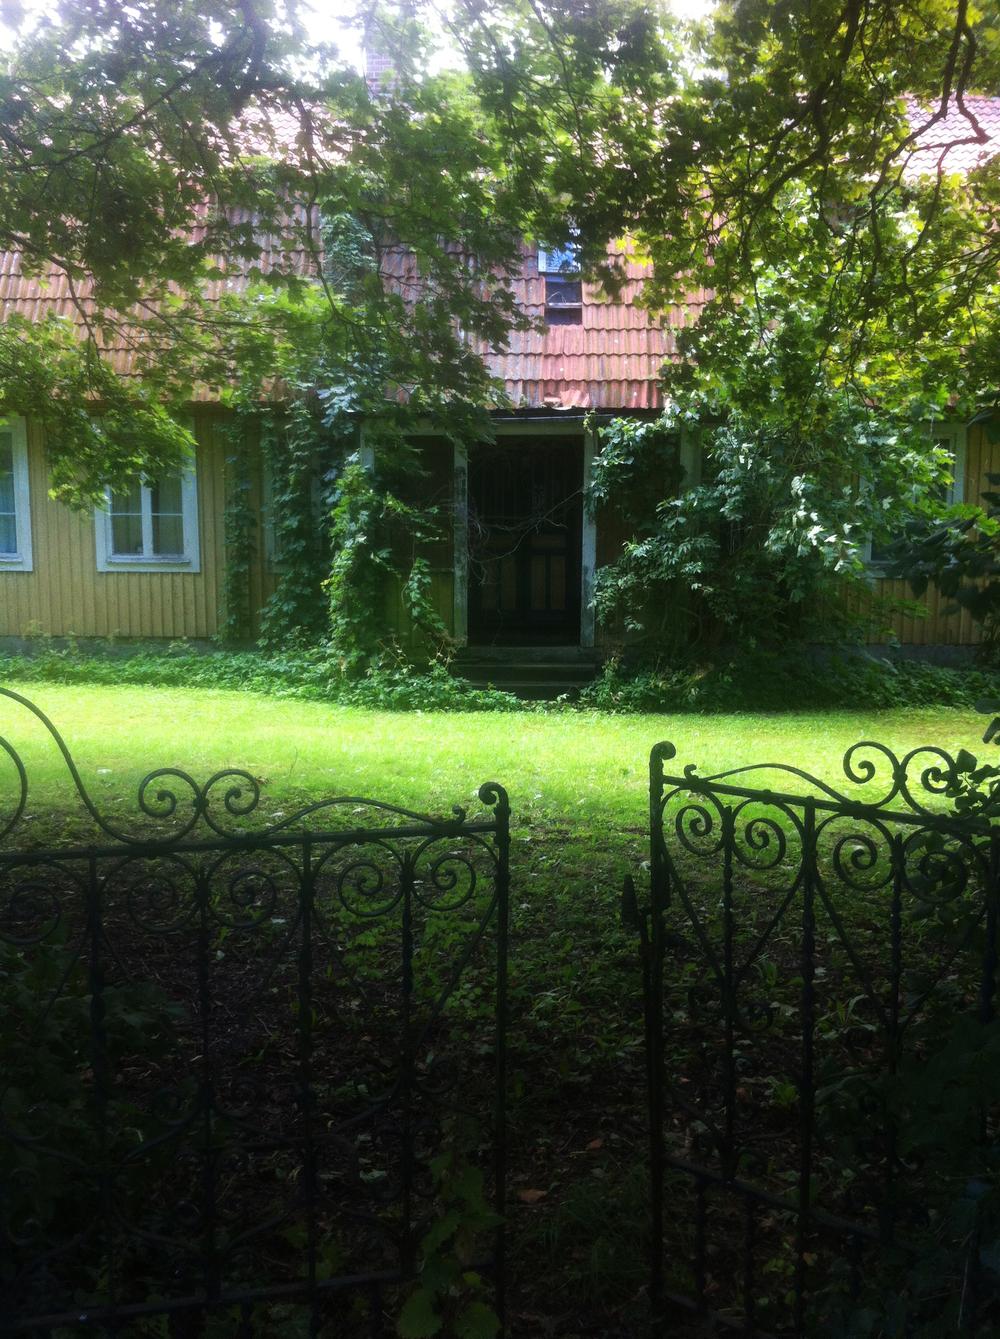 Vedbend vogter indgangen til et tomt charmerende hus i byen.